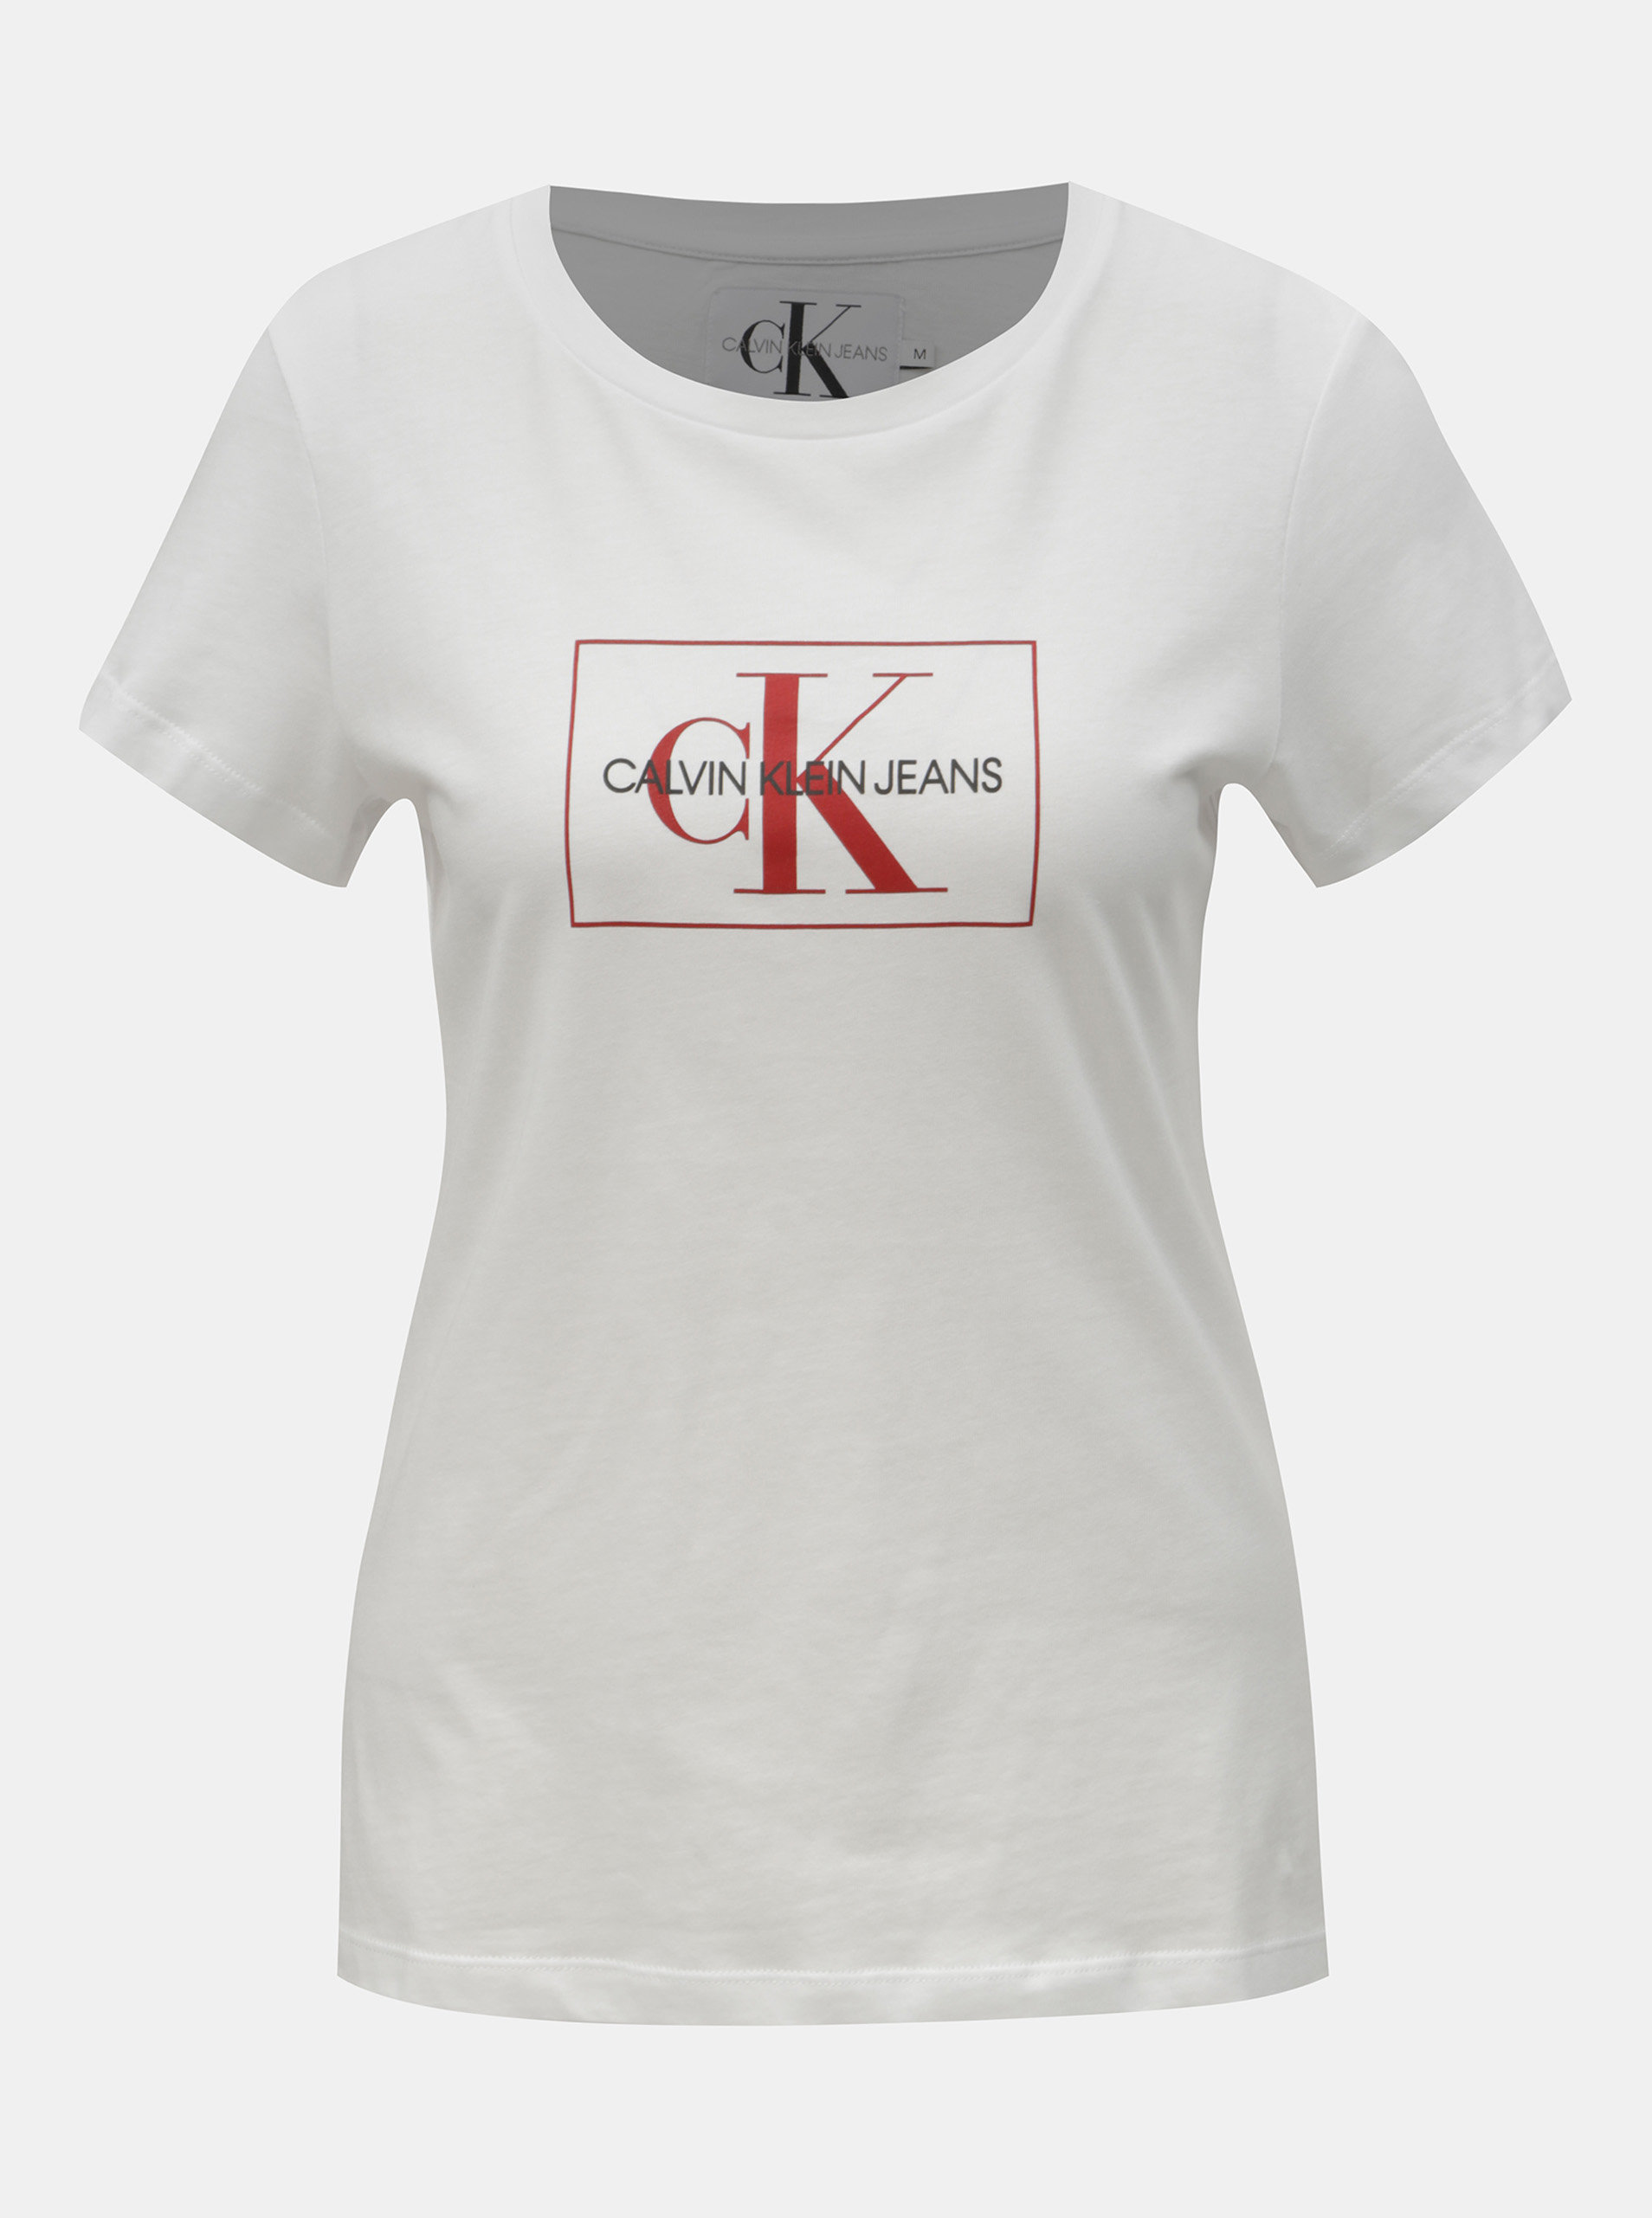 3af09d644 Bílé dámské tričko s potiskem Calvin Klein Jeans | ZOOT.cz